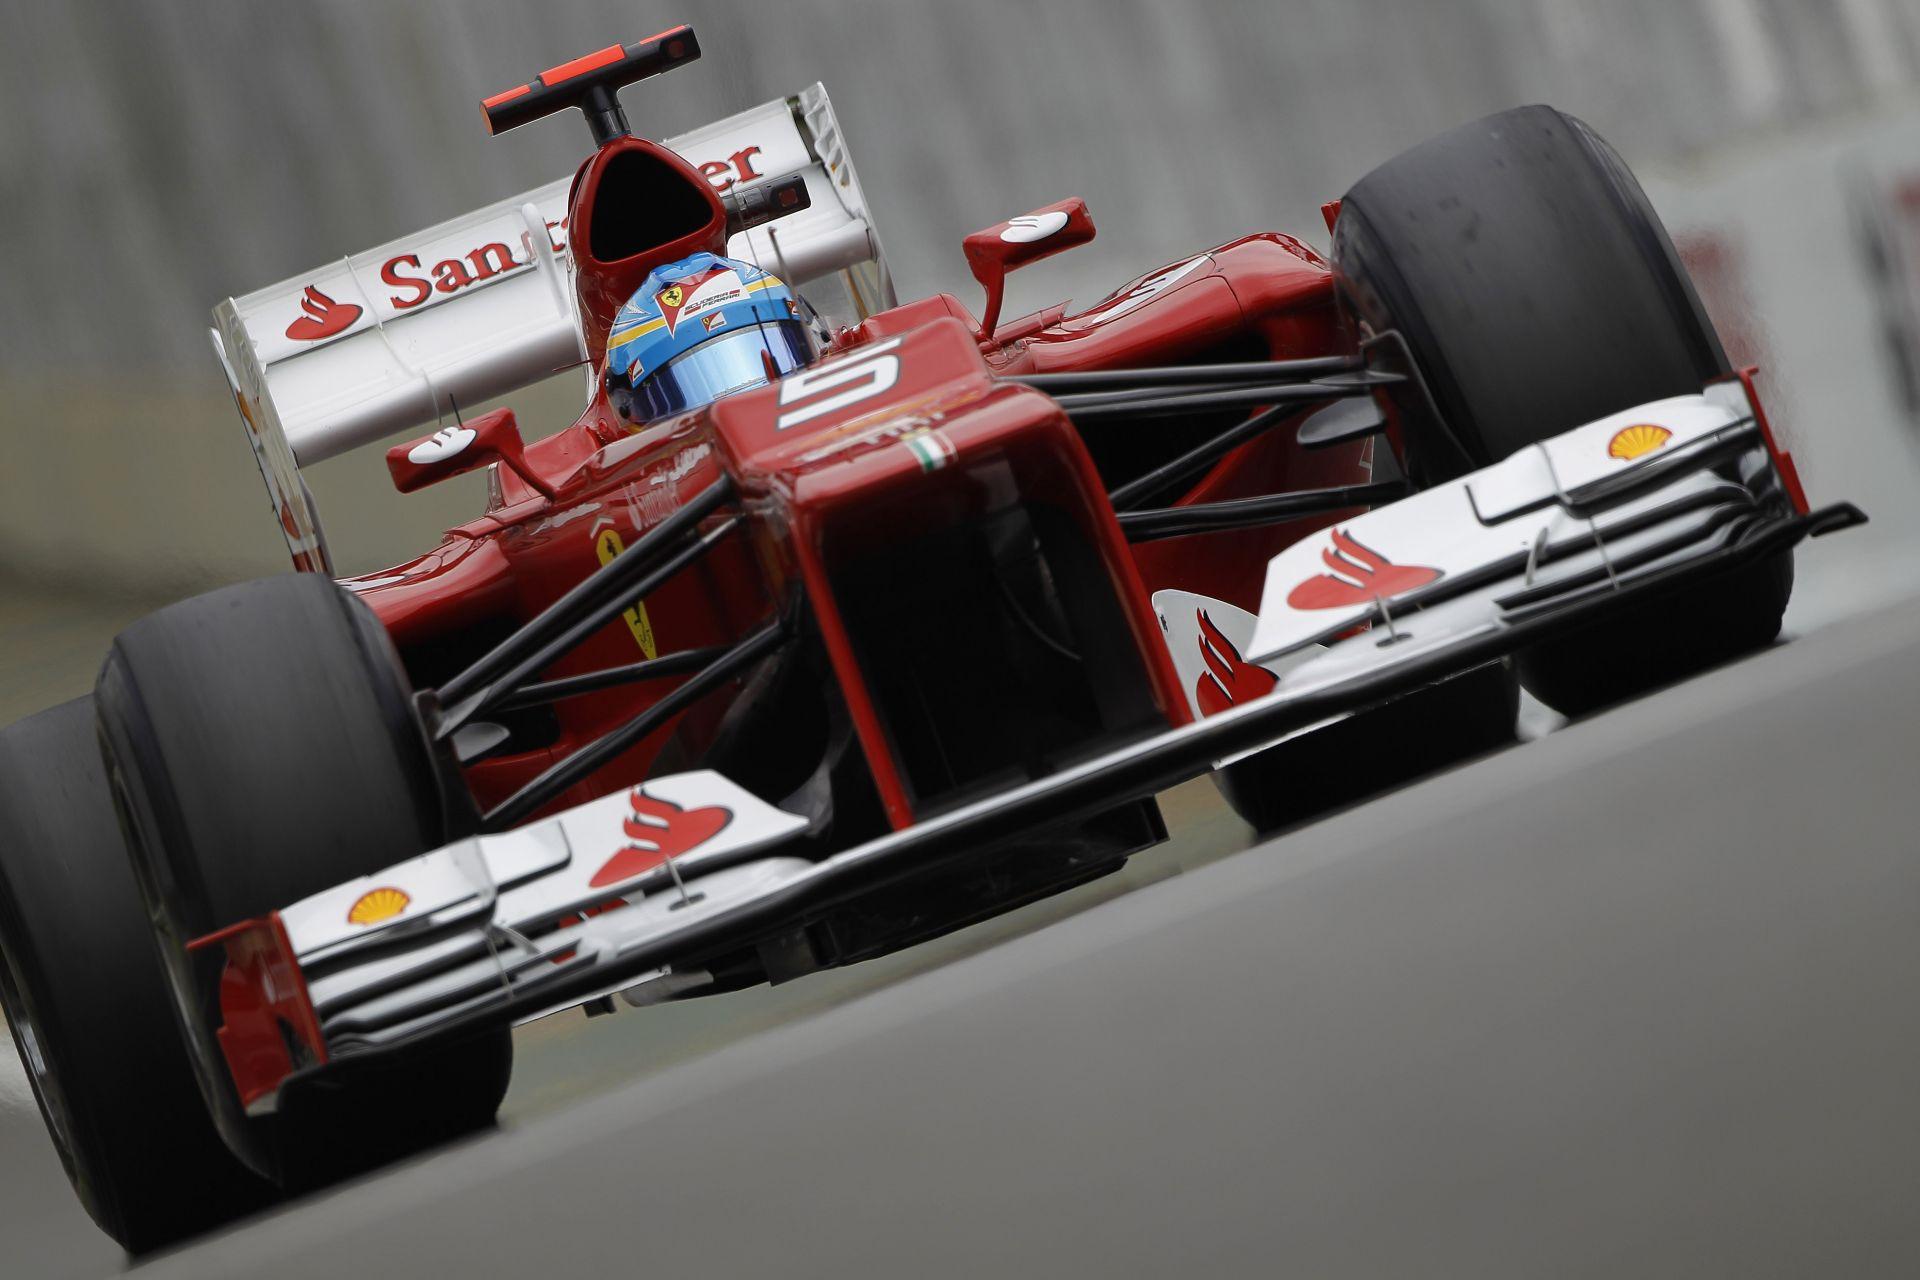 Az első éles kép és videó Sebastian Vettel pályára gurulásáról a Ferrarival: Fehér sisakban a négyszeres világbajnok! Új korszak